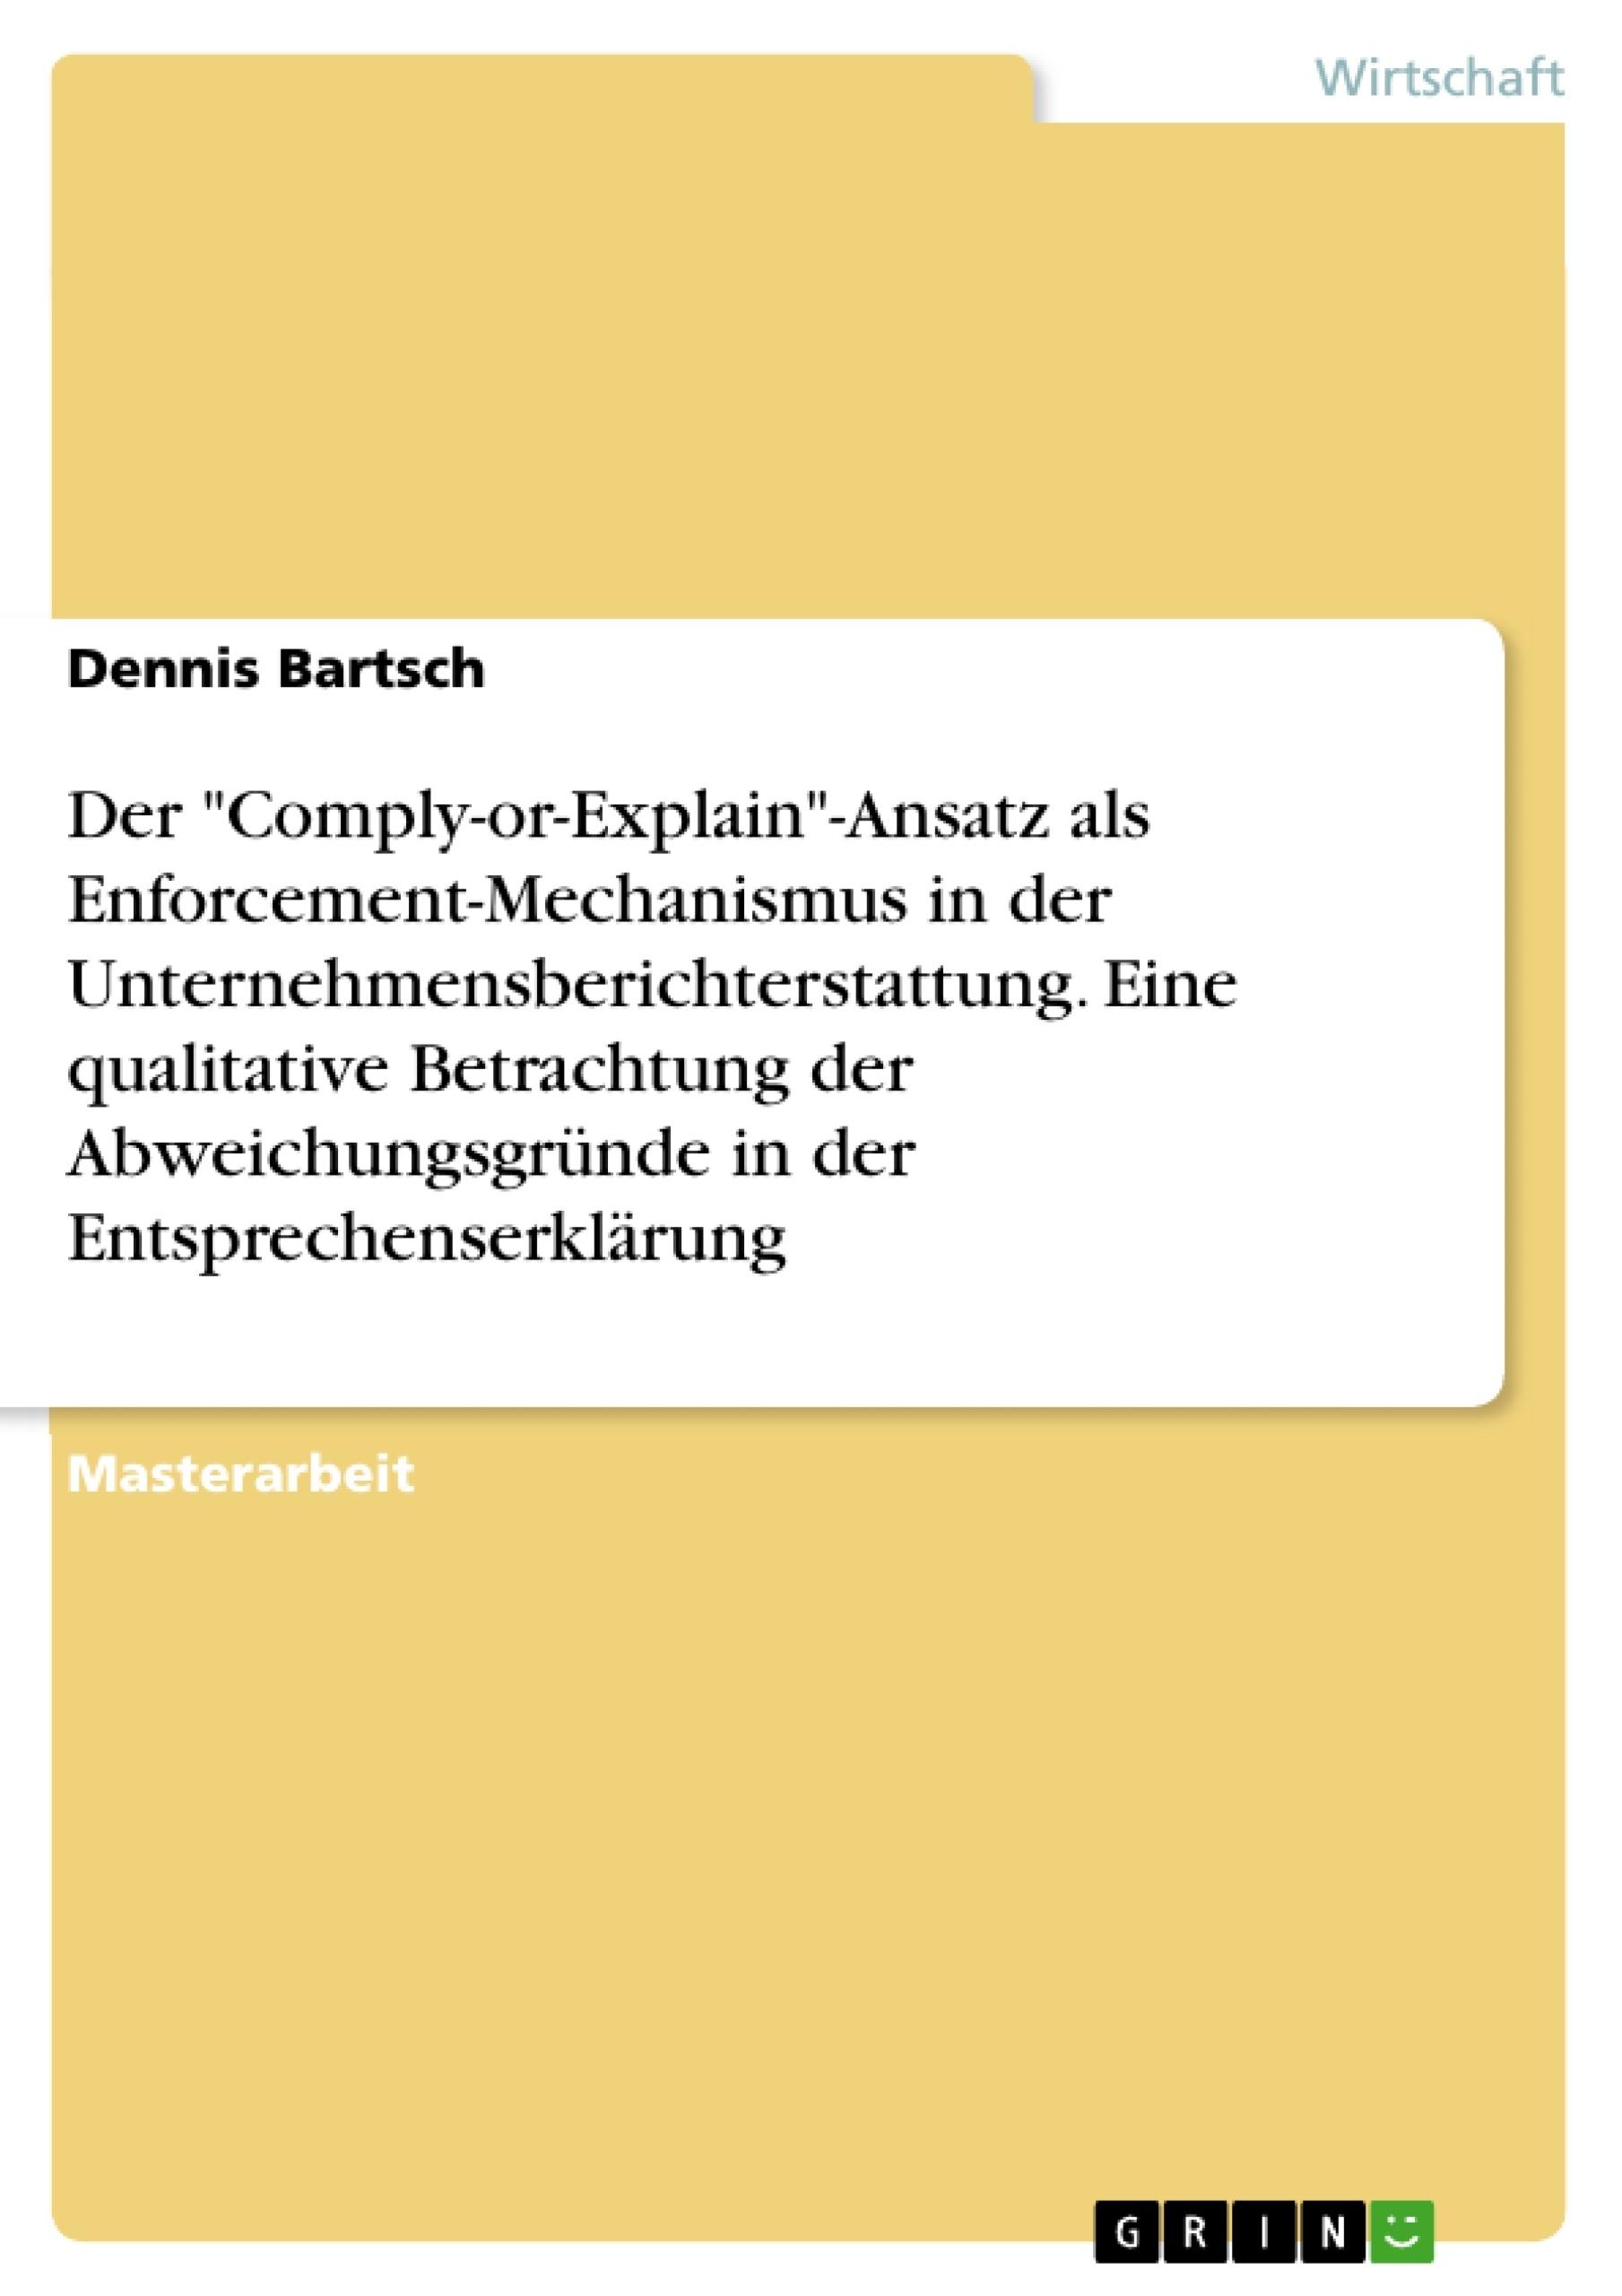 """Titel: Der """"Comply-or-Explain""""-Ansatz als Enforcement-Mechanismus in der Unternehmensberichterstattung. Eine qualitative Betrachtung der Abweichungsgründe in der Entsprechenserklärung"""